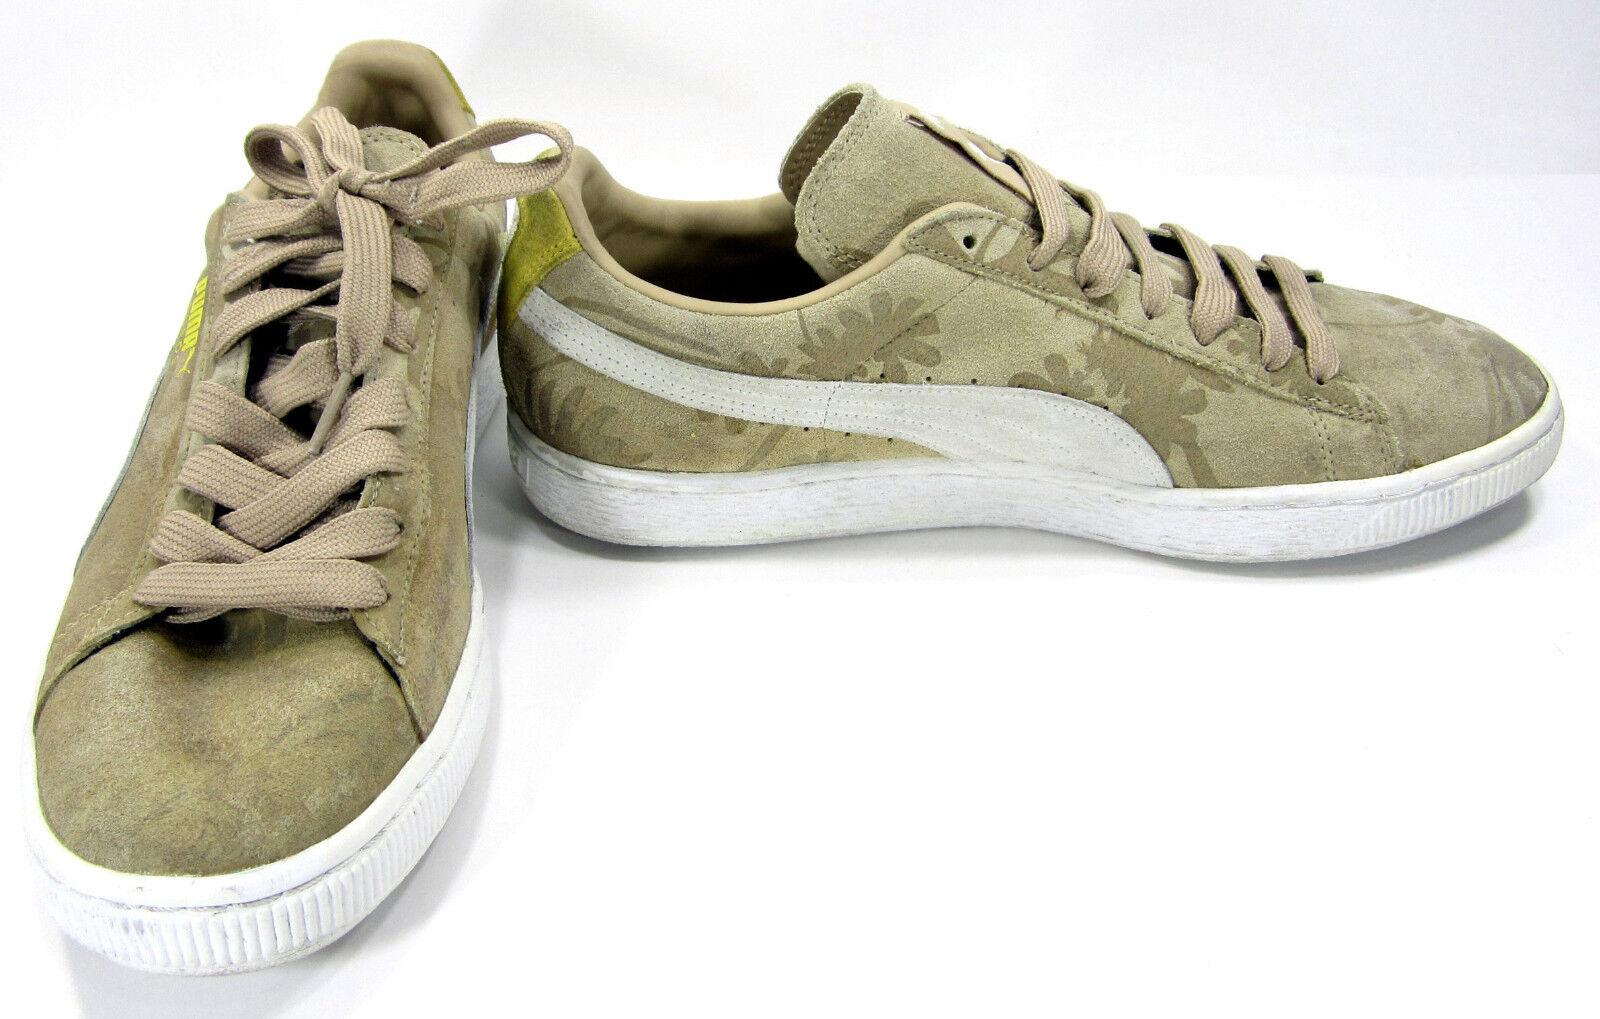 Noi a scarpe uomini atletico scarpe a Noi tennis disinvolto leggero gray nuovo flex 87001d